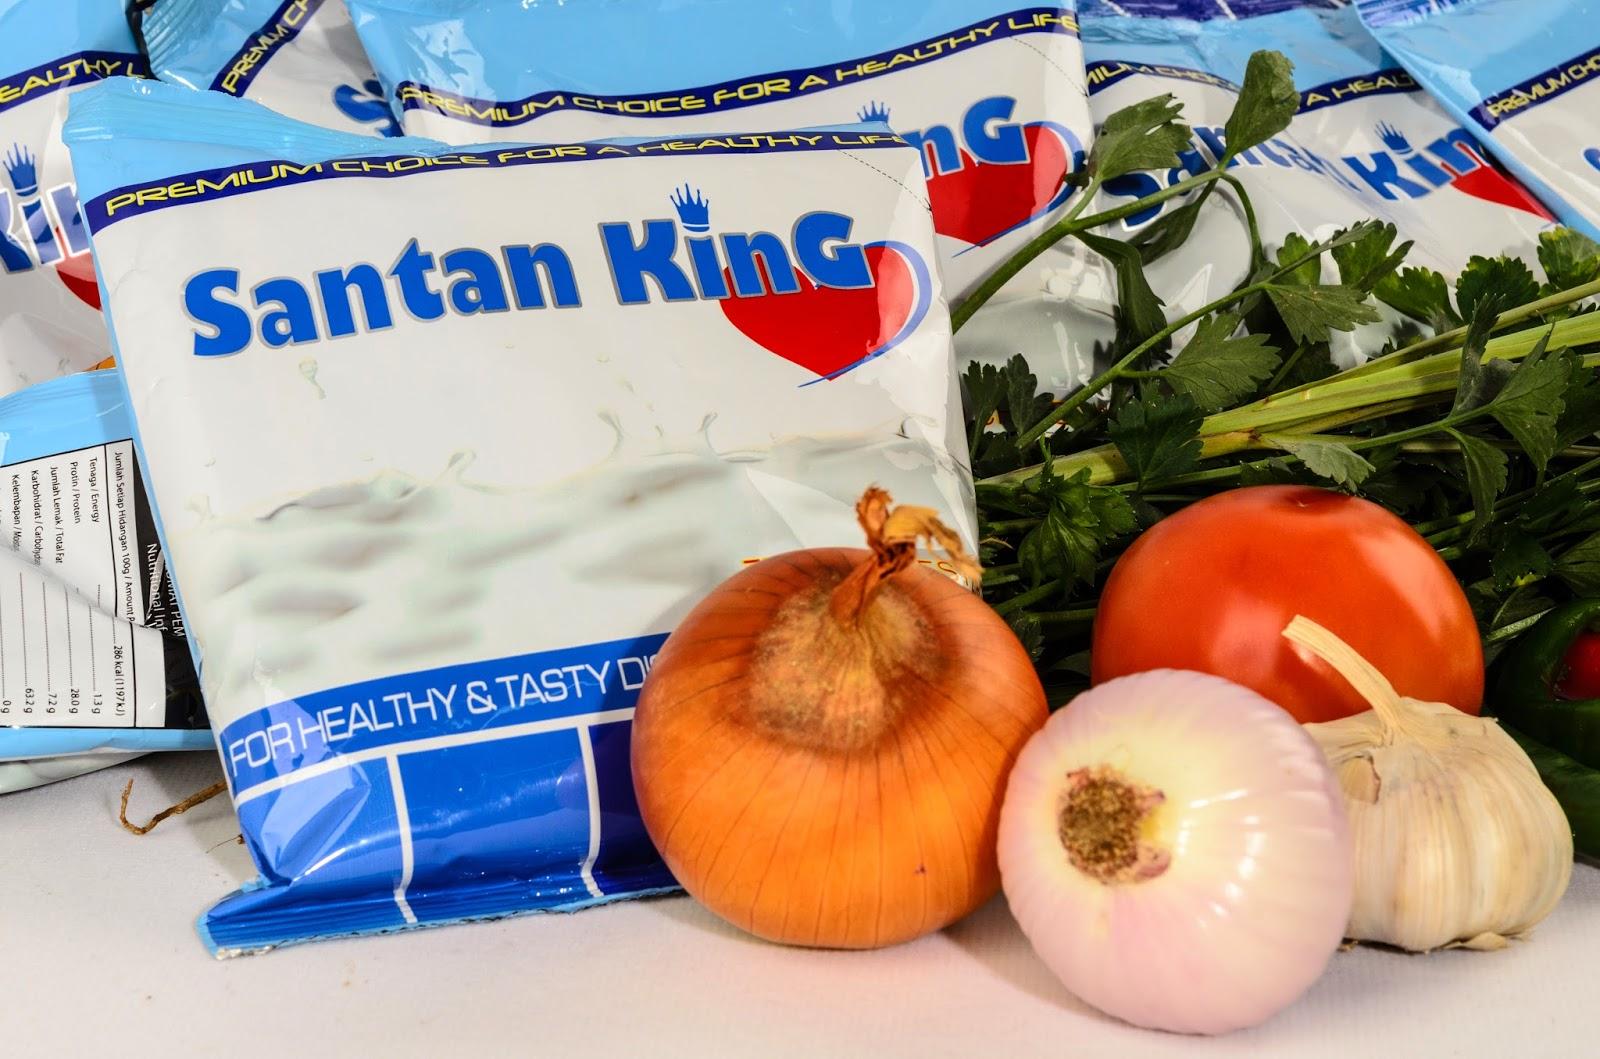 Masaklah dengan Santan King tiada Kolestrol